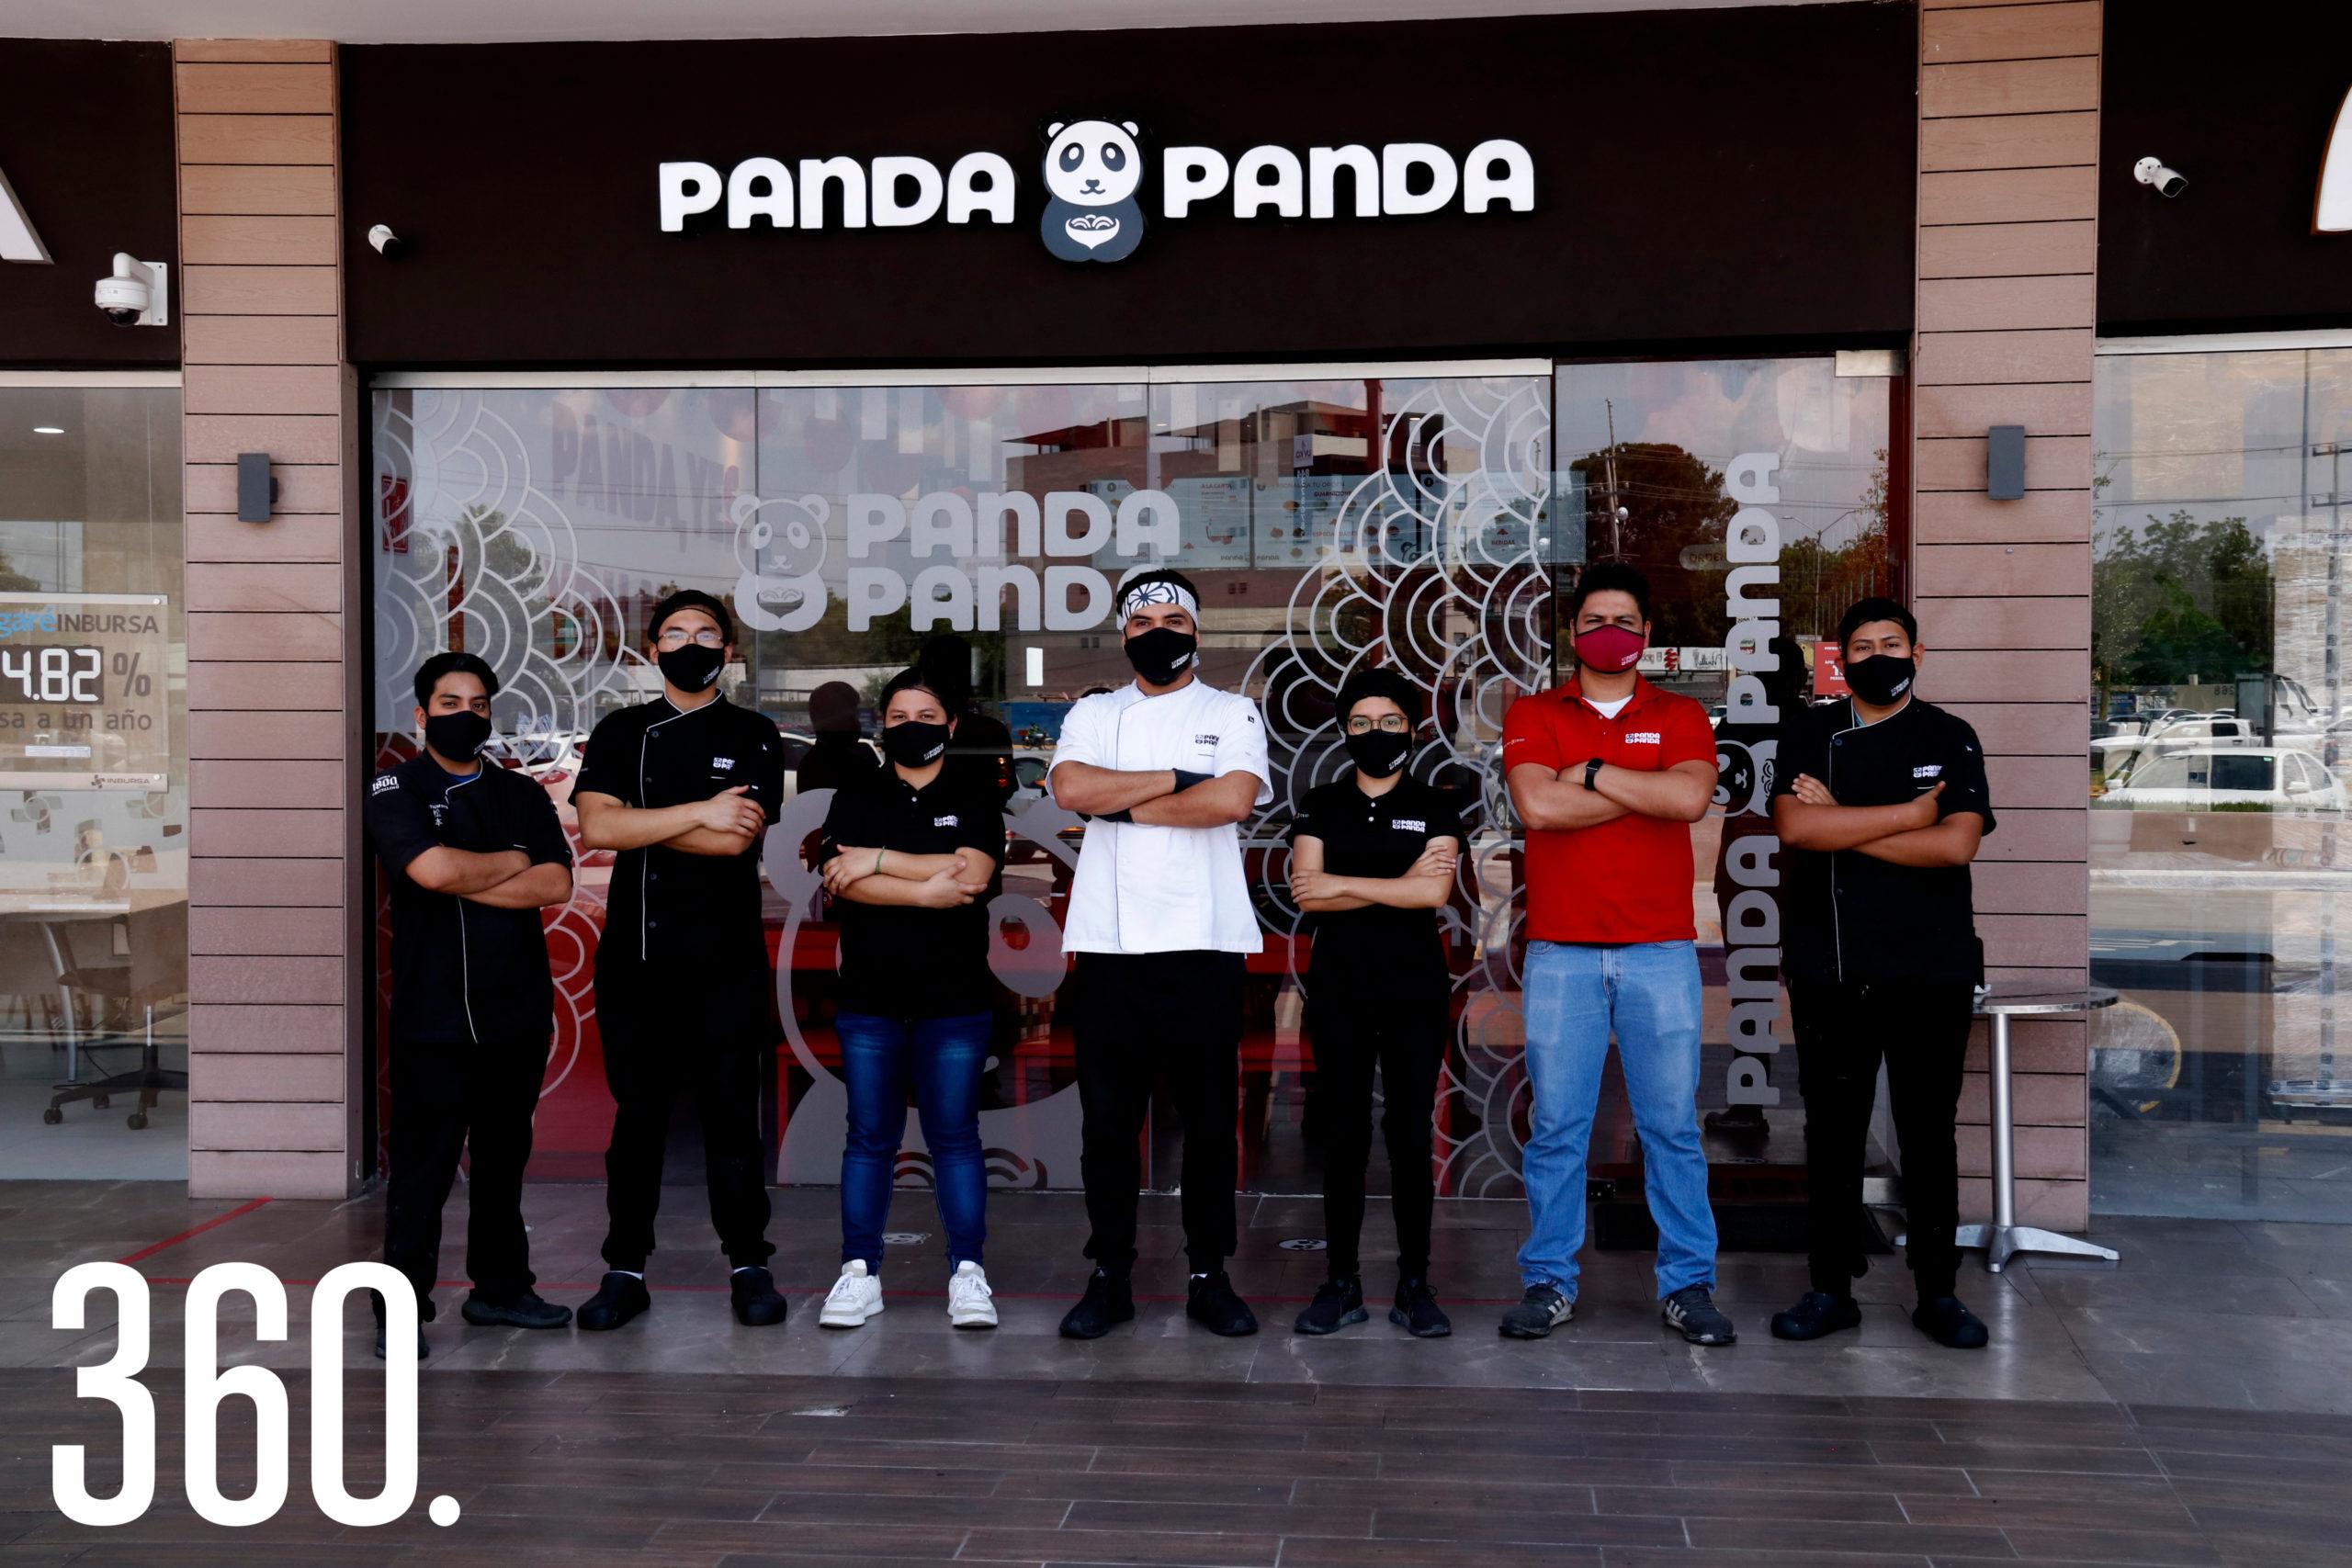 El chef Mario Valdez acompañado por el equipo de trabajo de Panda Panda, que diariamente atiende a los comensales en Plaza Cocoa.